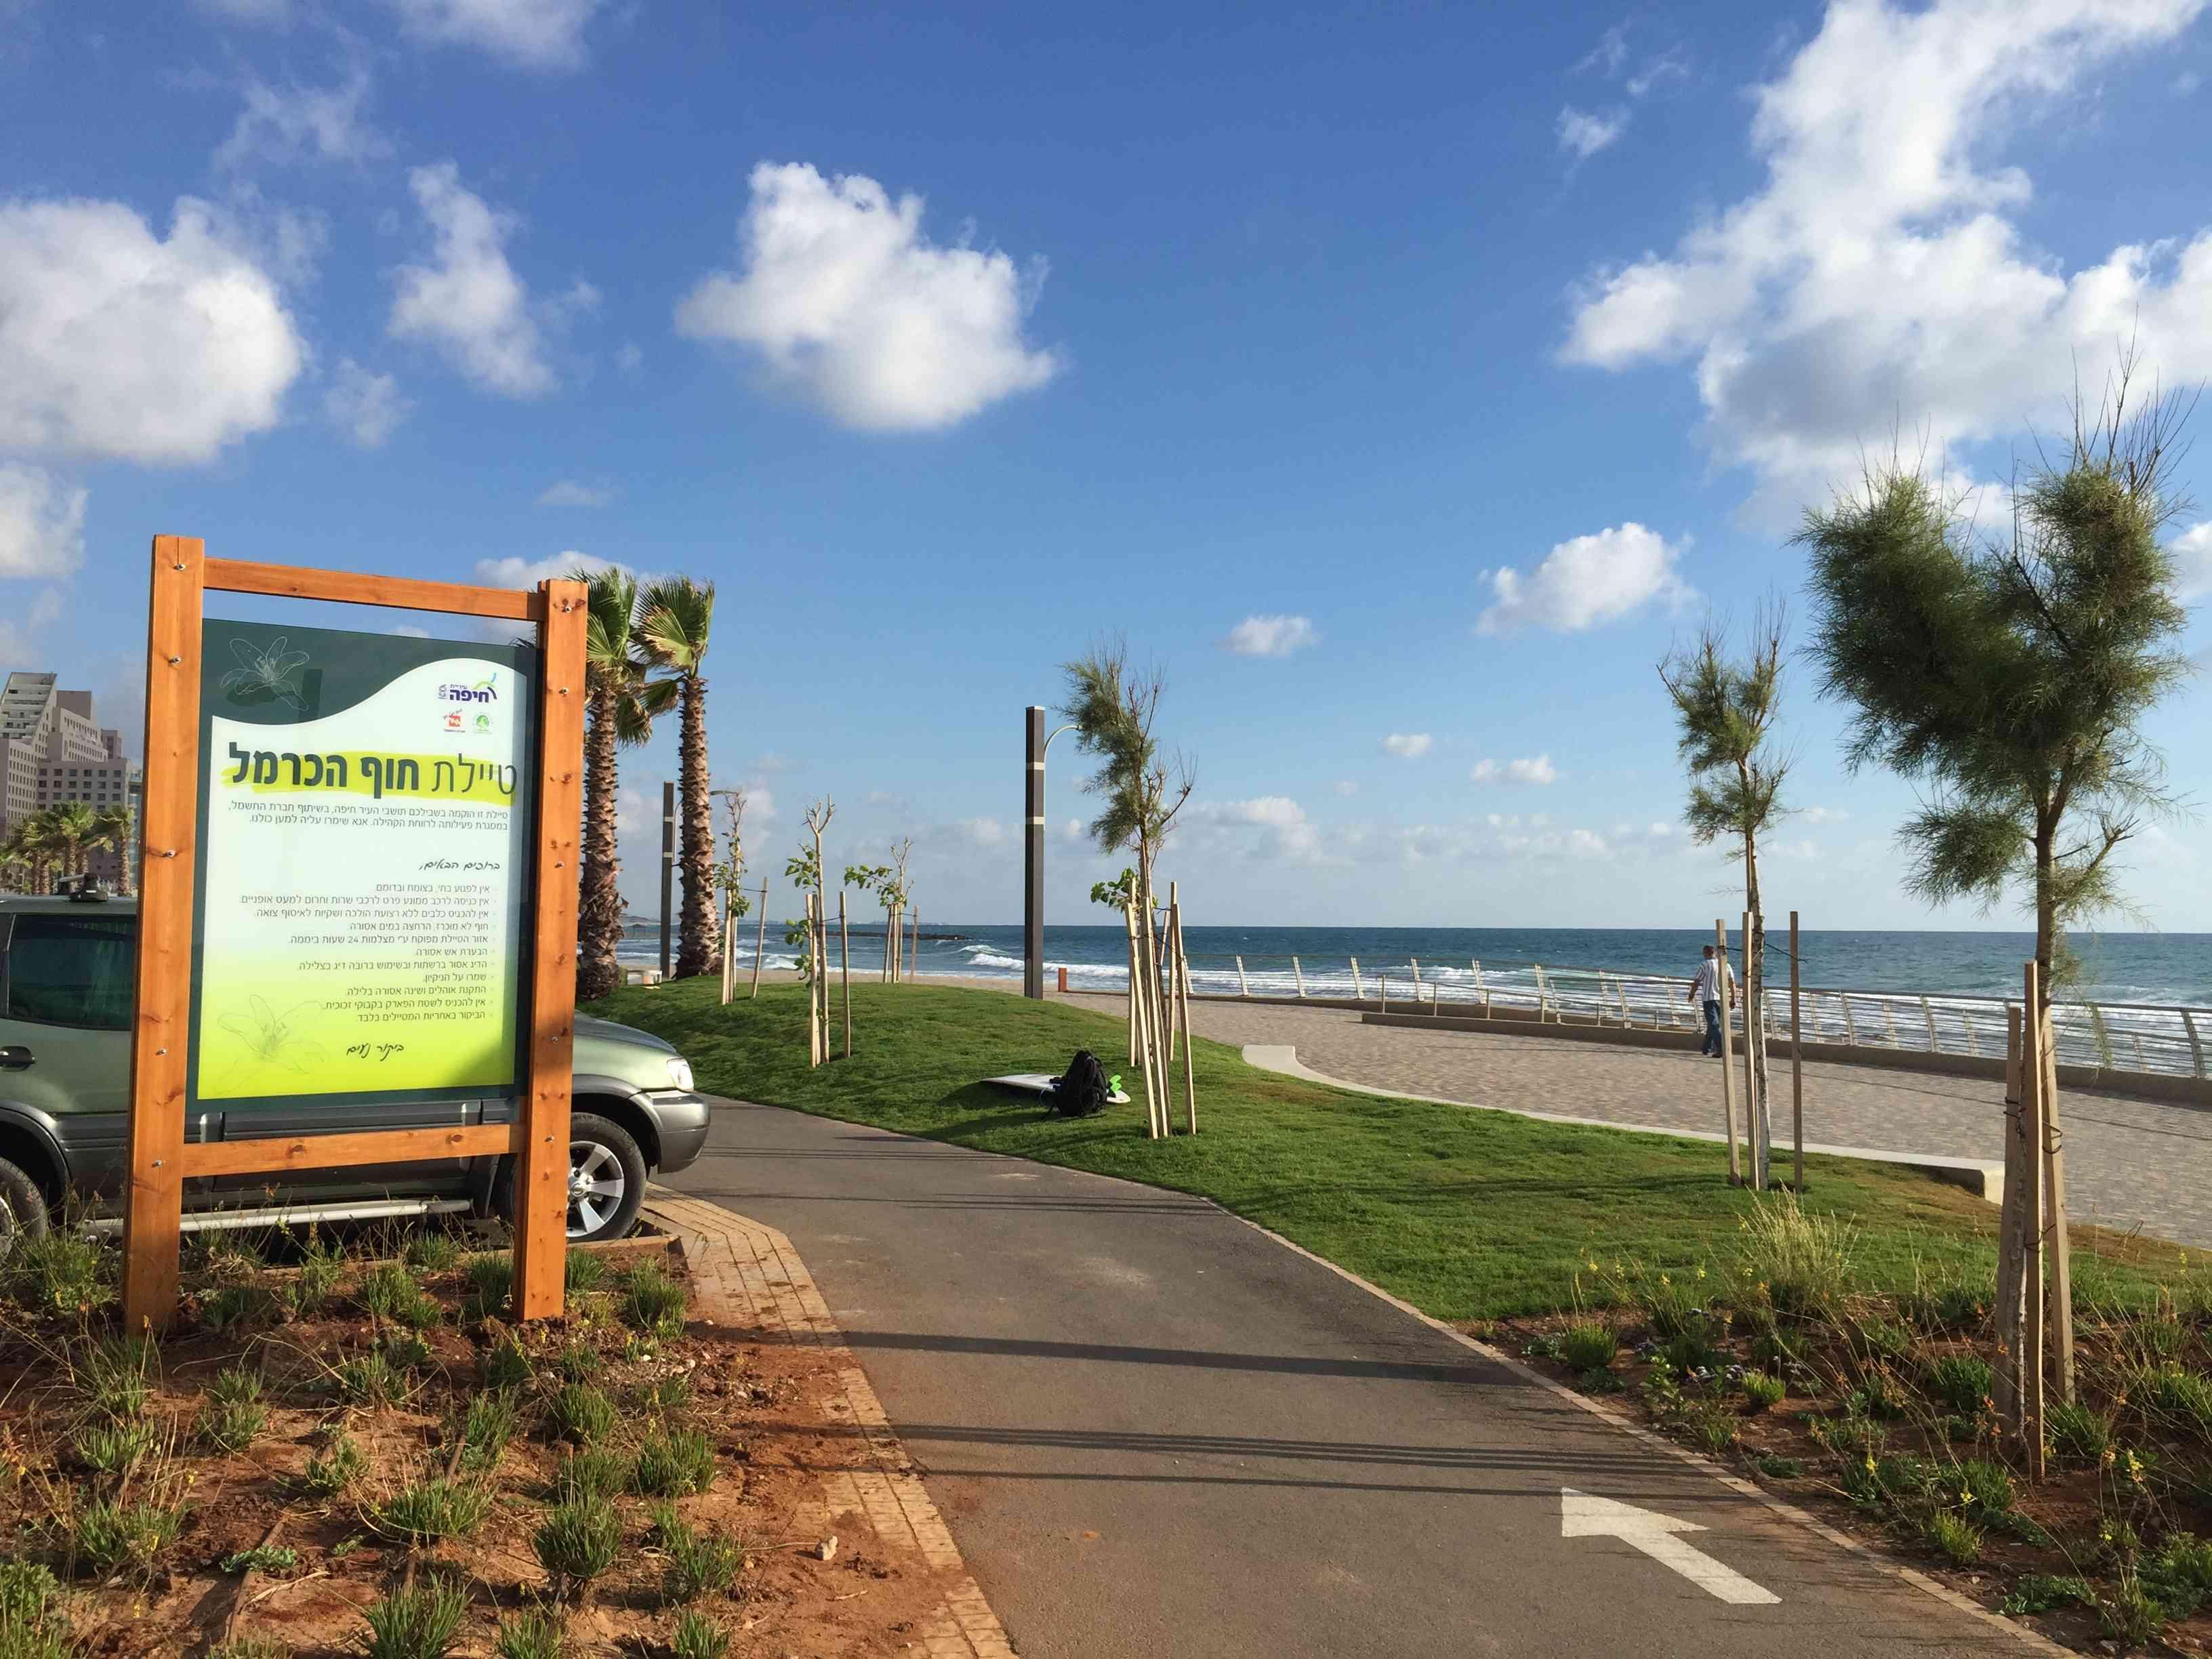 שילוט טיילת חוף הים בחיפה